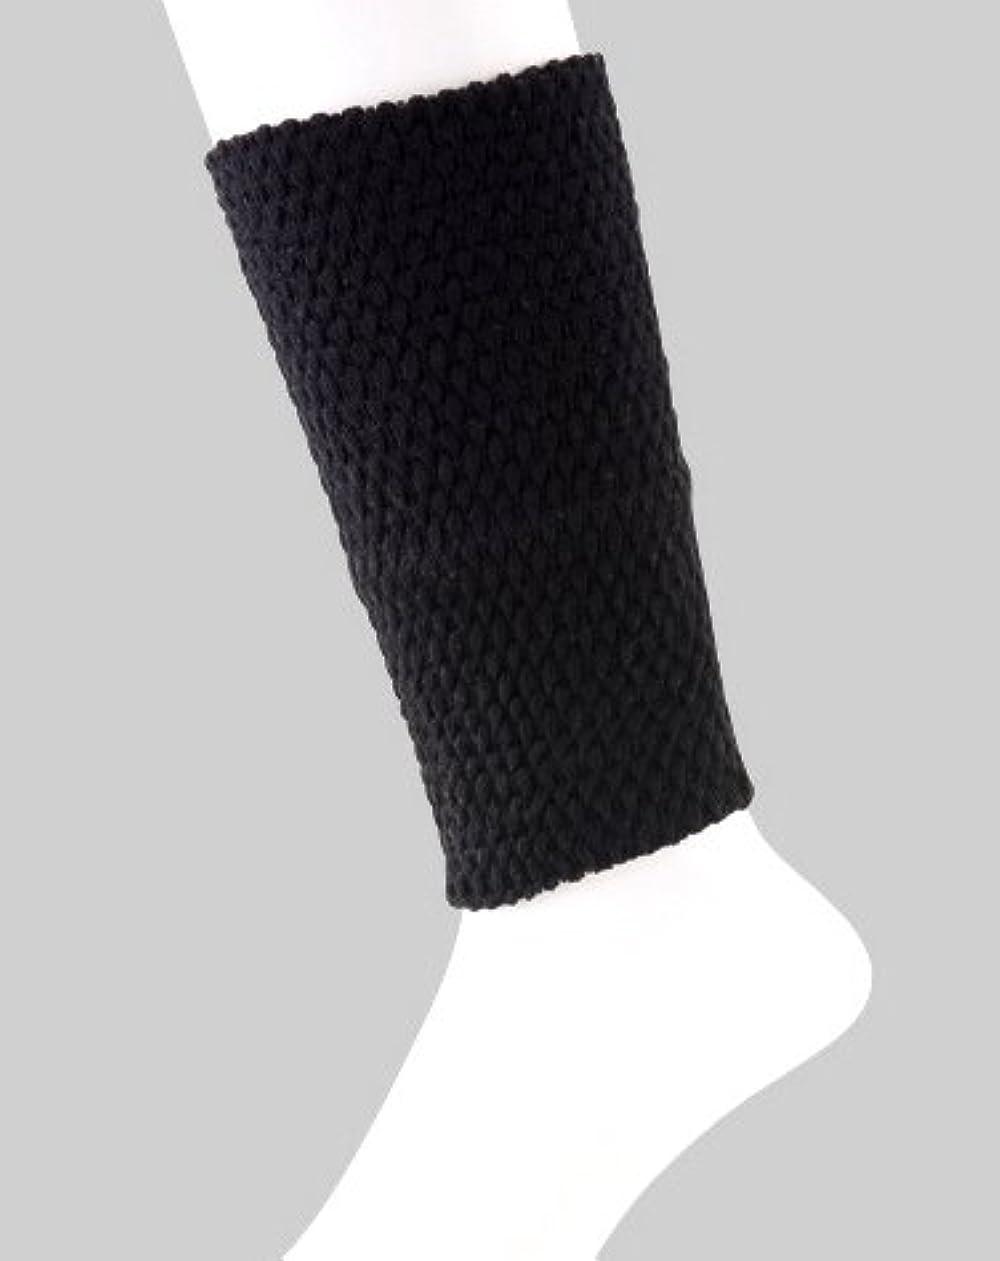 社会科メンバーコミュニケーション日本製 足首ウォーマー 表綿100% 二重構造で暖かい 春夏 冷房対策 20cm丈 (ブラック)